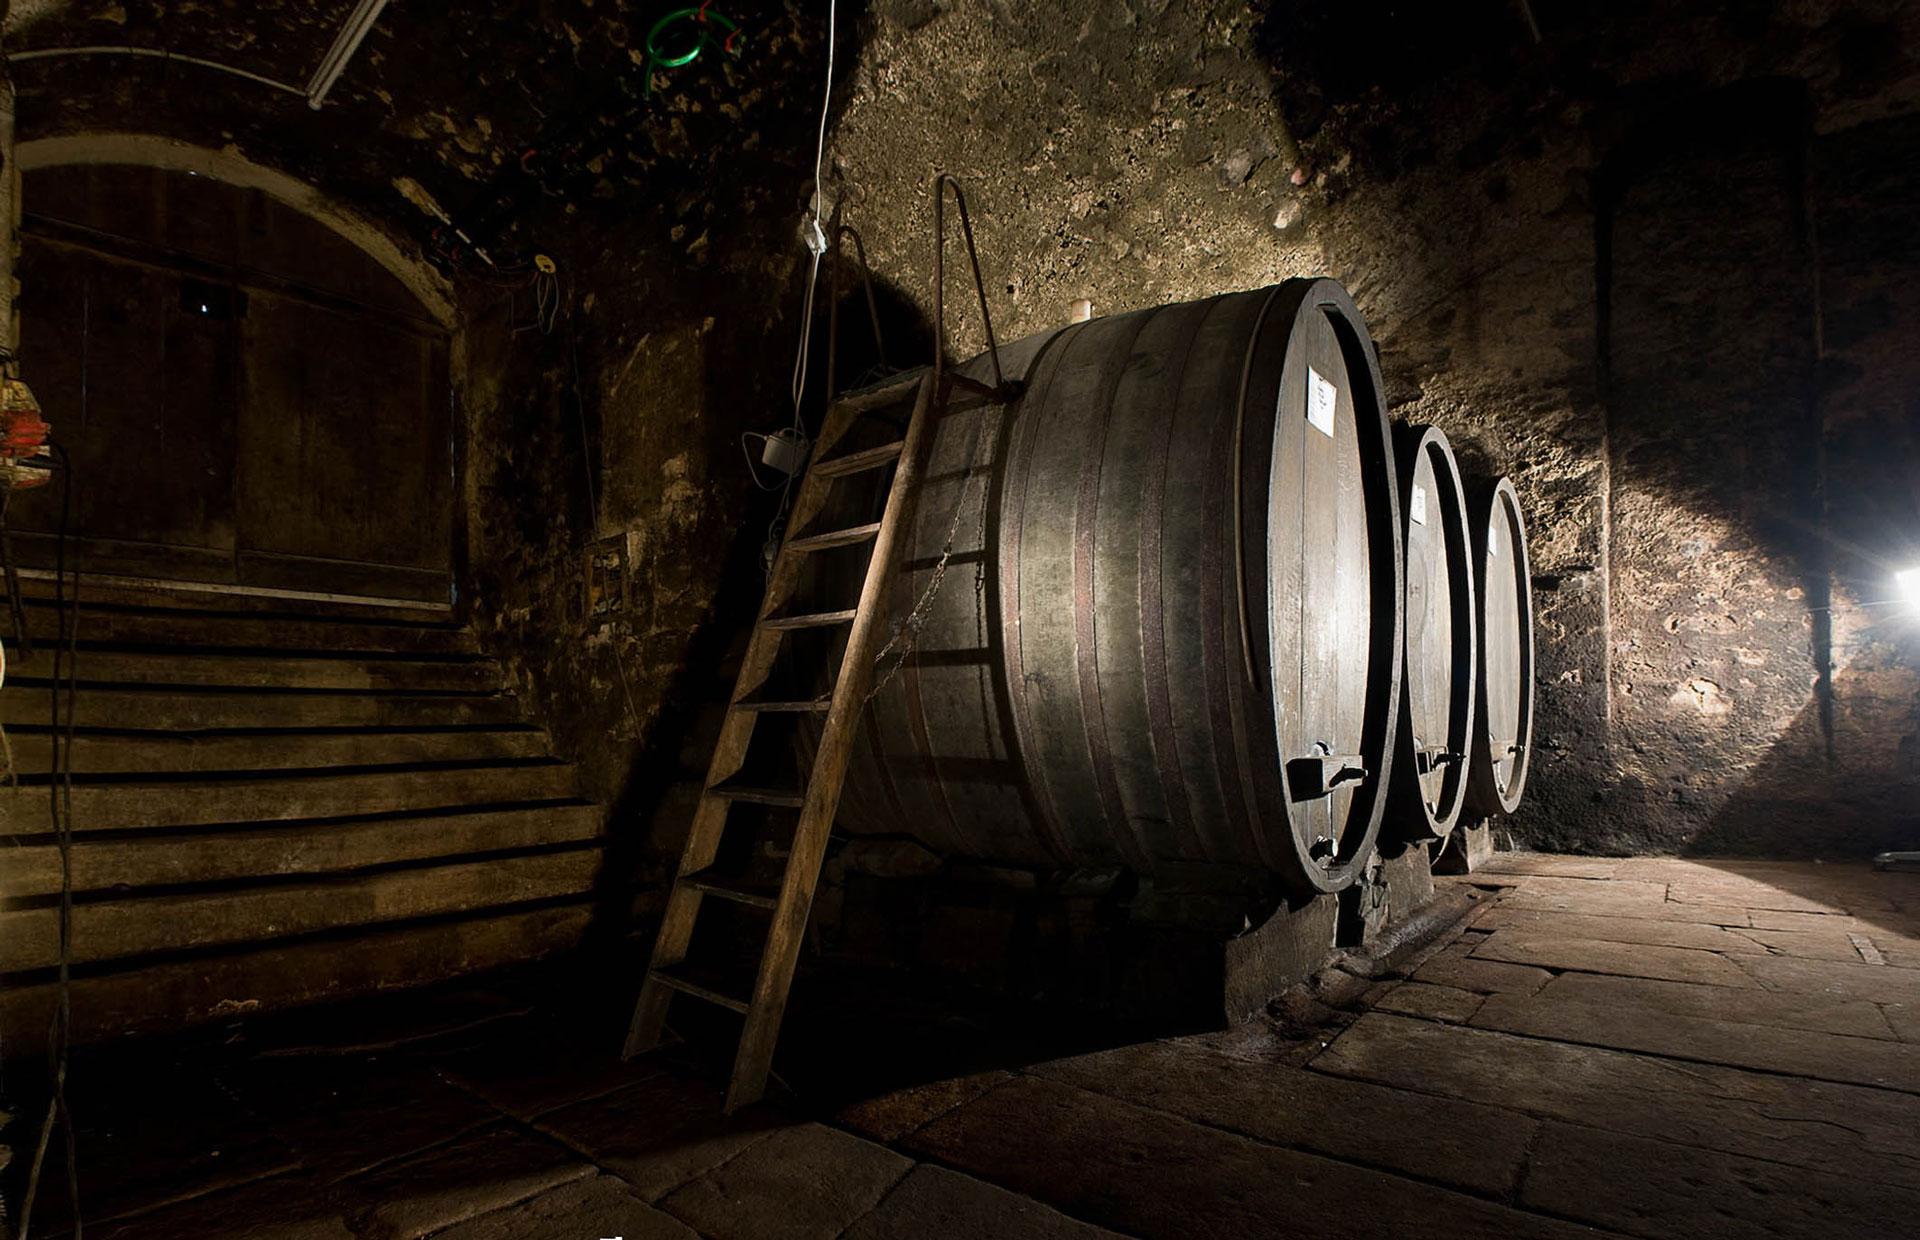 Weinkeller-mit-alten-Holzfaesser_1920px_60%